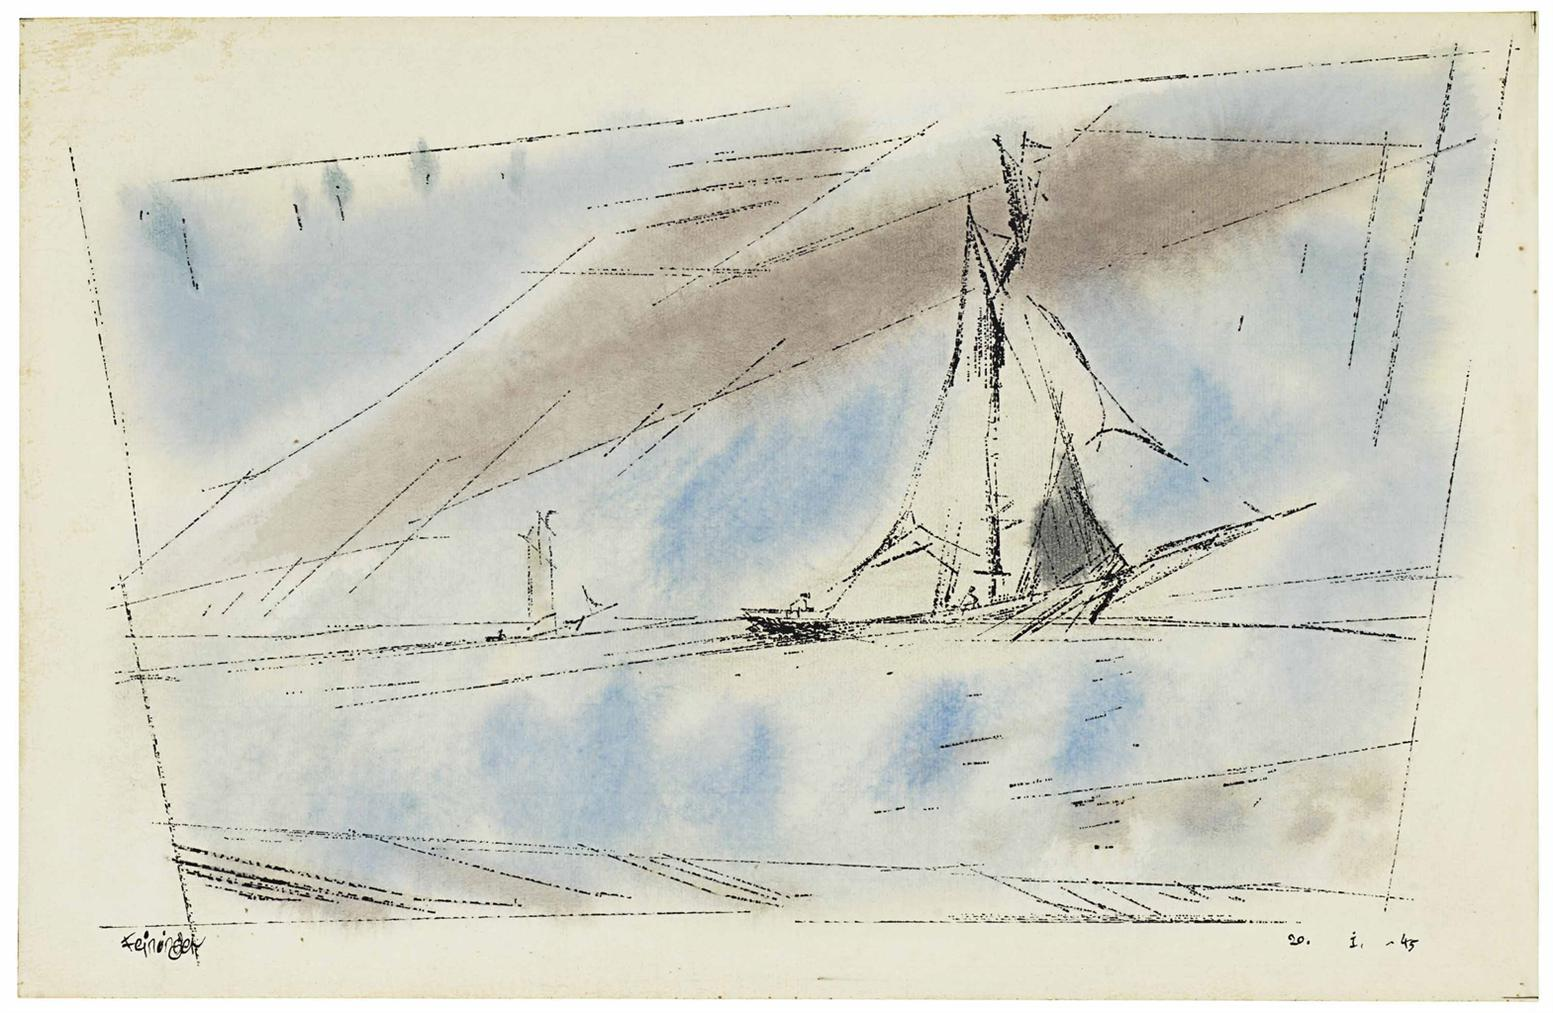 Lyonel Feininger-Fishing Shack-1945